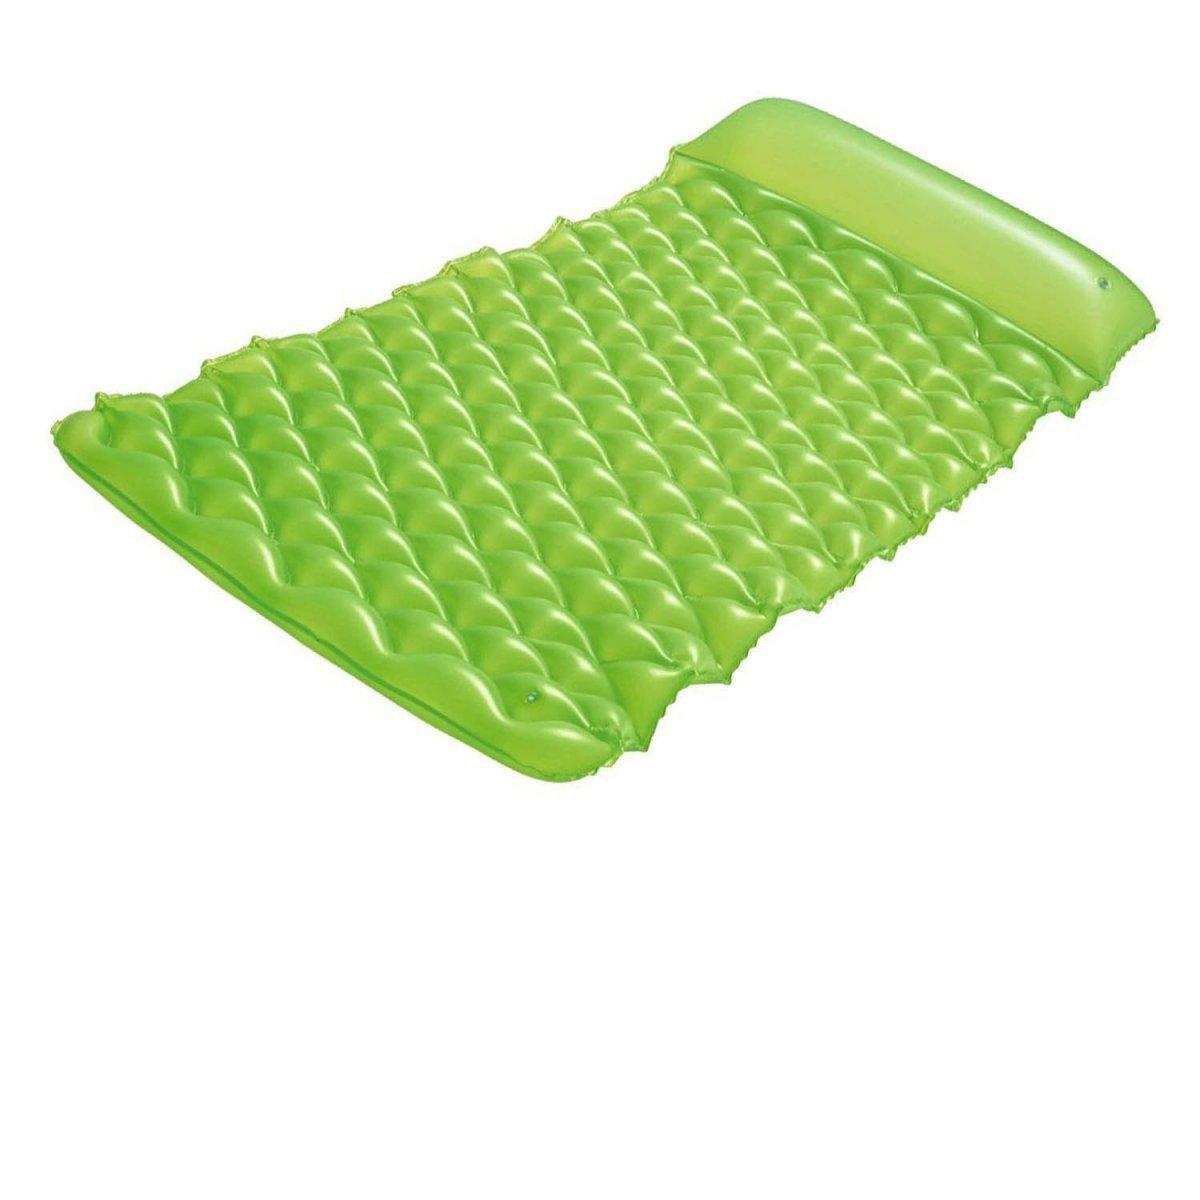 Пляжный надувной матрас - ролл Bestway 44020, 213 х 86 см, зеленый